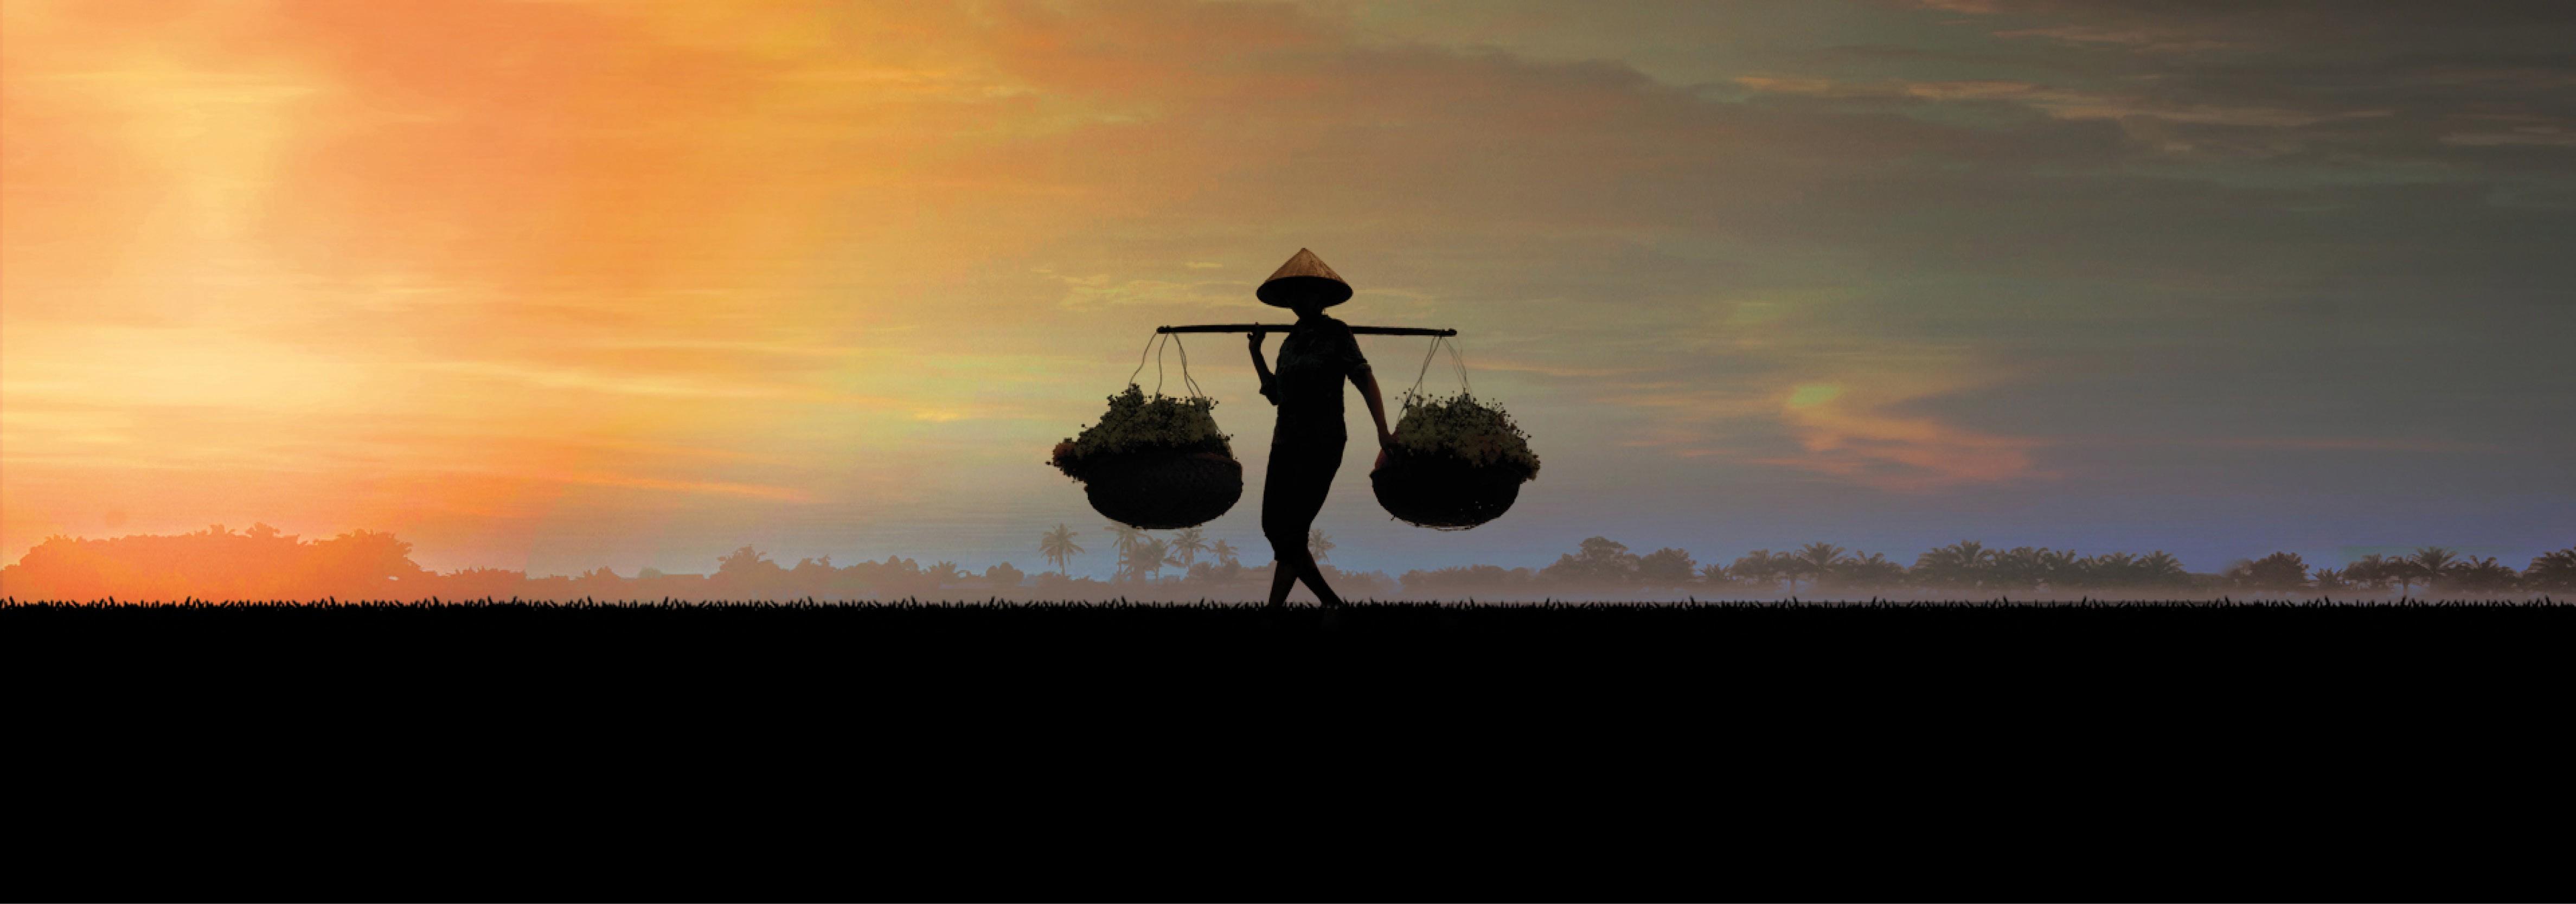 Vietnam_slider_3